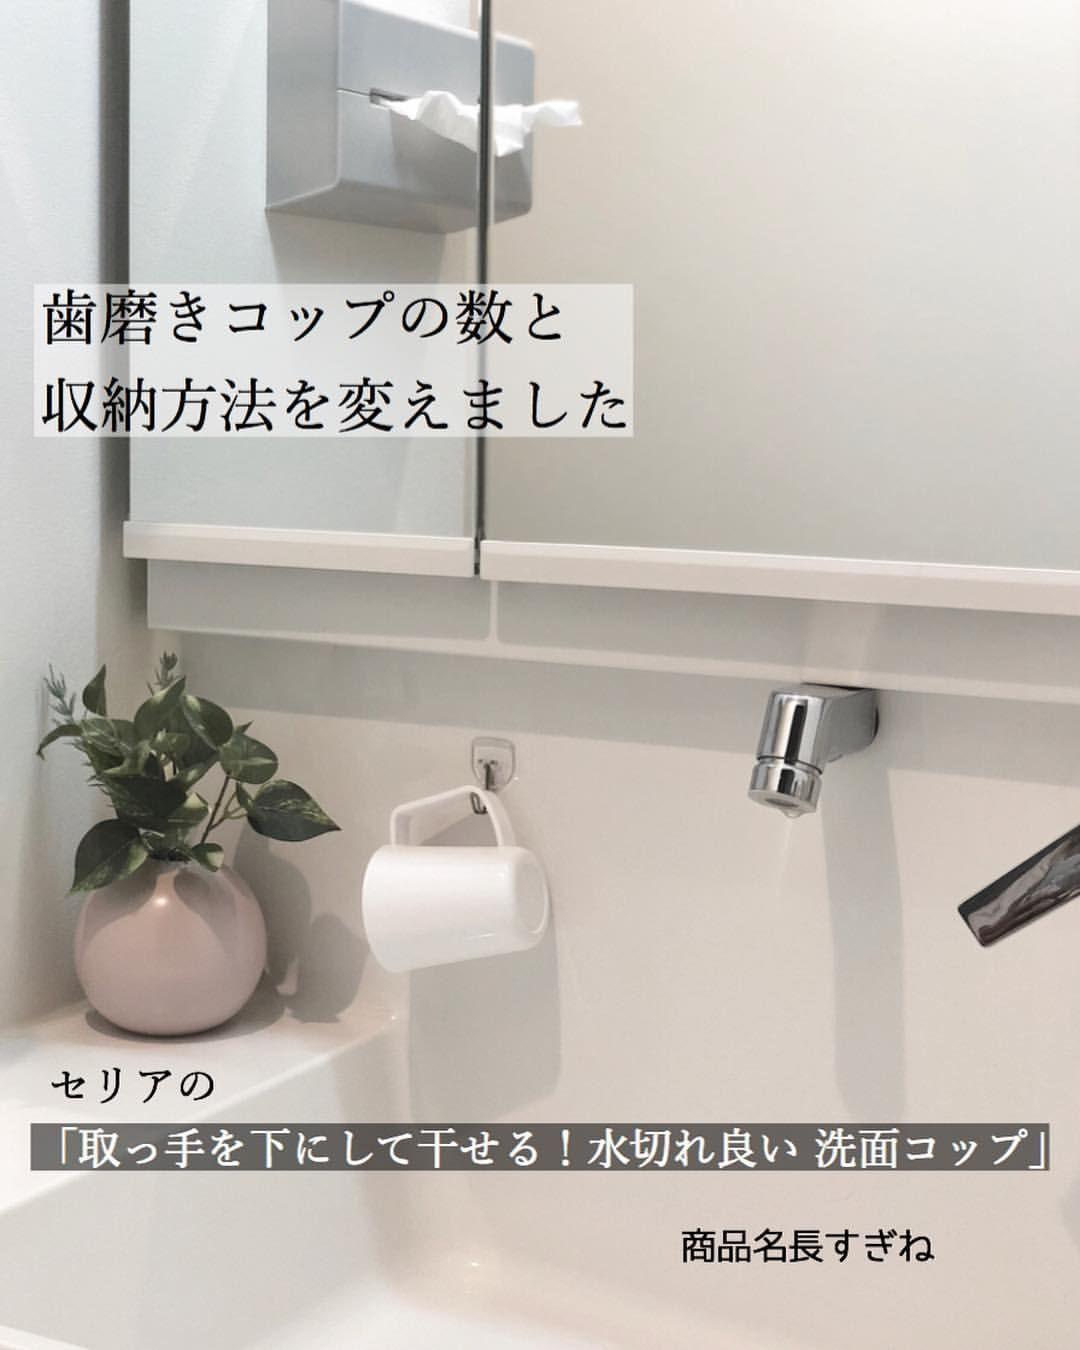 歯磨きコップ 今まで家族分揃えてましたが 子供たちに大人が使ったコップを使わせたくない いや 旦那が使ったコップを私が使いたくない そんな理由で洗面台の鏡裏にはコップだけのスペースがありました が そのコップで水を飲むわけではないし 吐き出すし